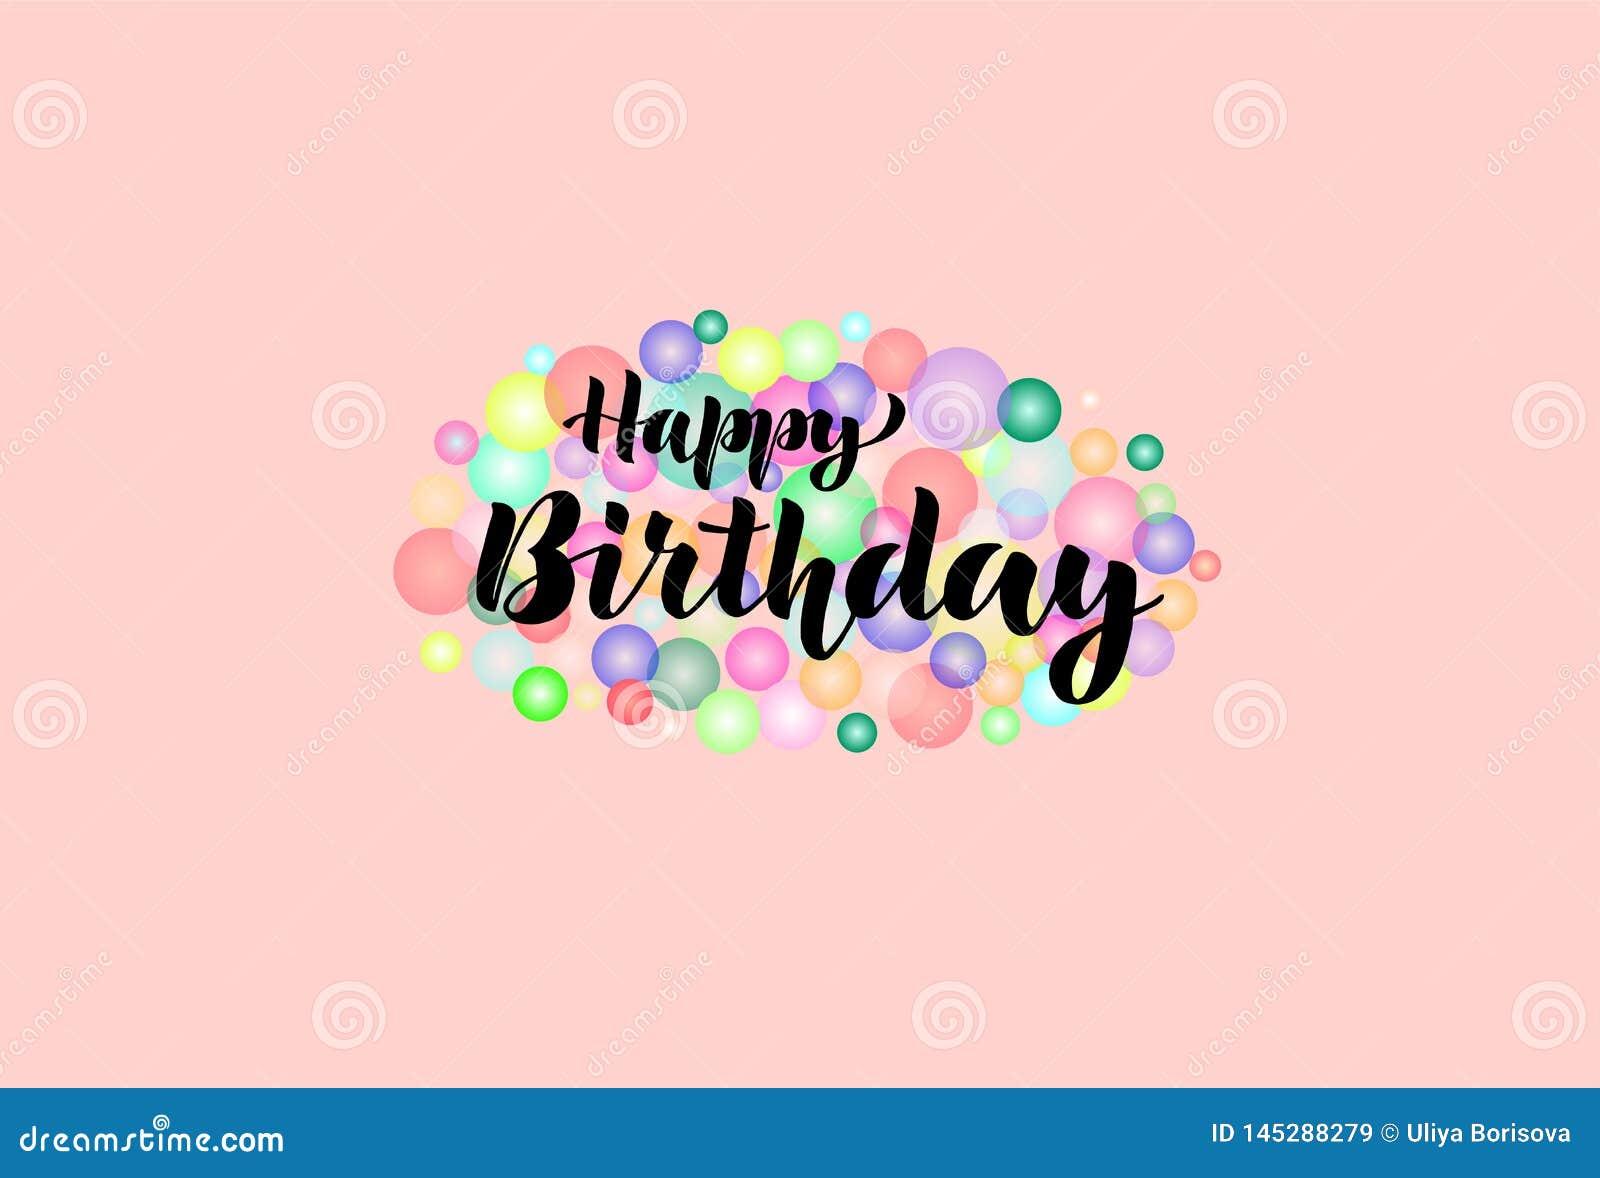 Feliz aniversario congratulation lettering